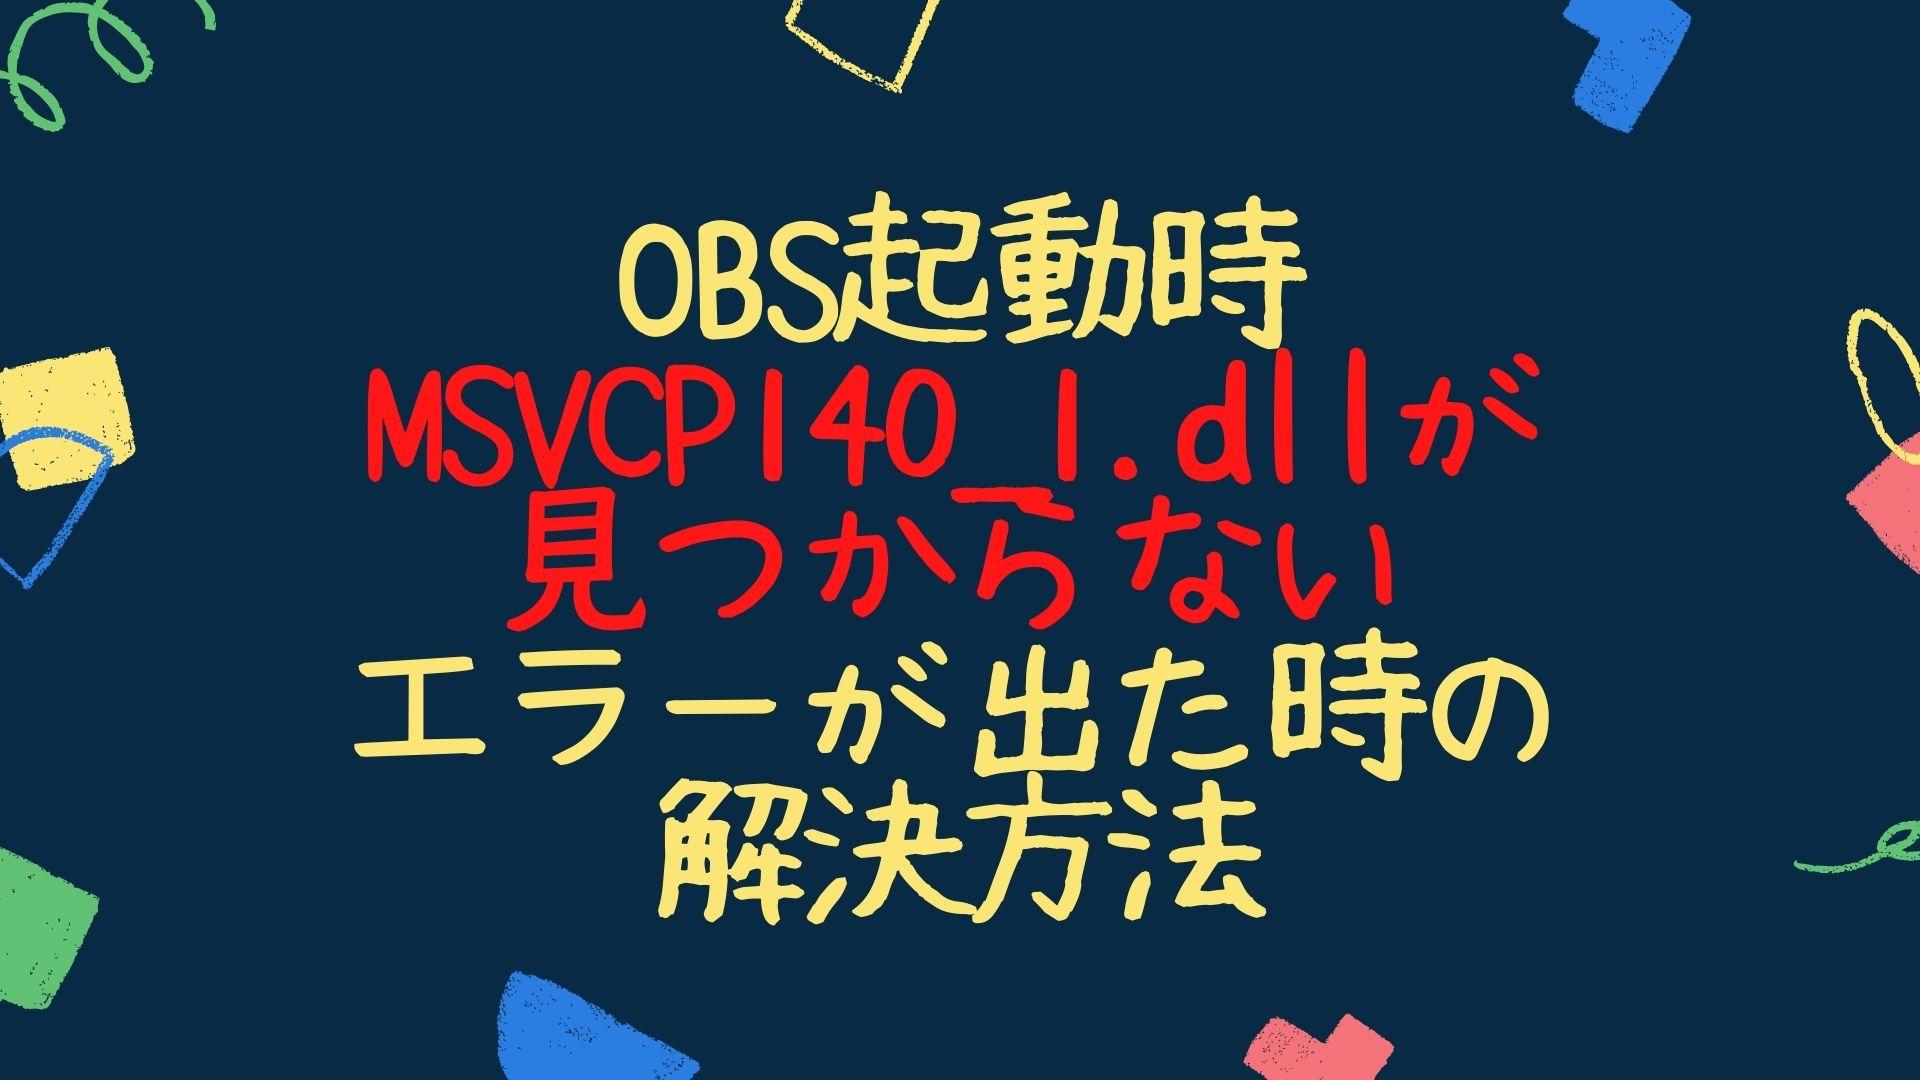 OBS起動時にMSVCP140_1.dllが見つからないとエラーが出た時の解決方法